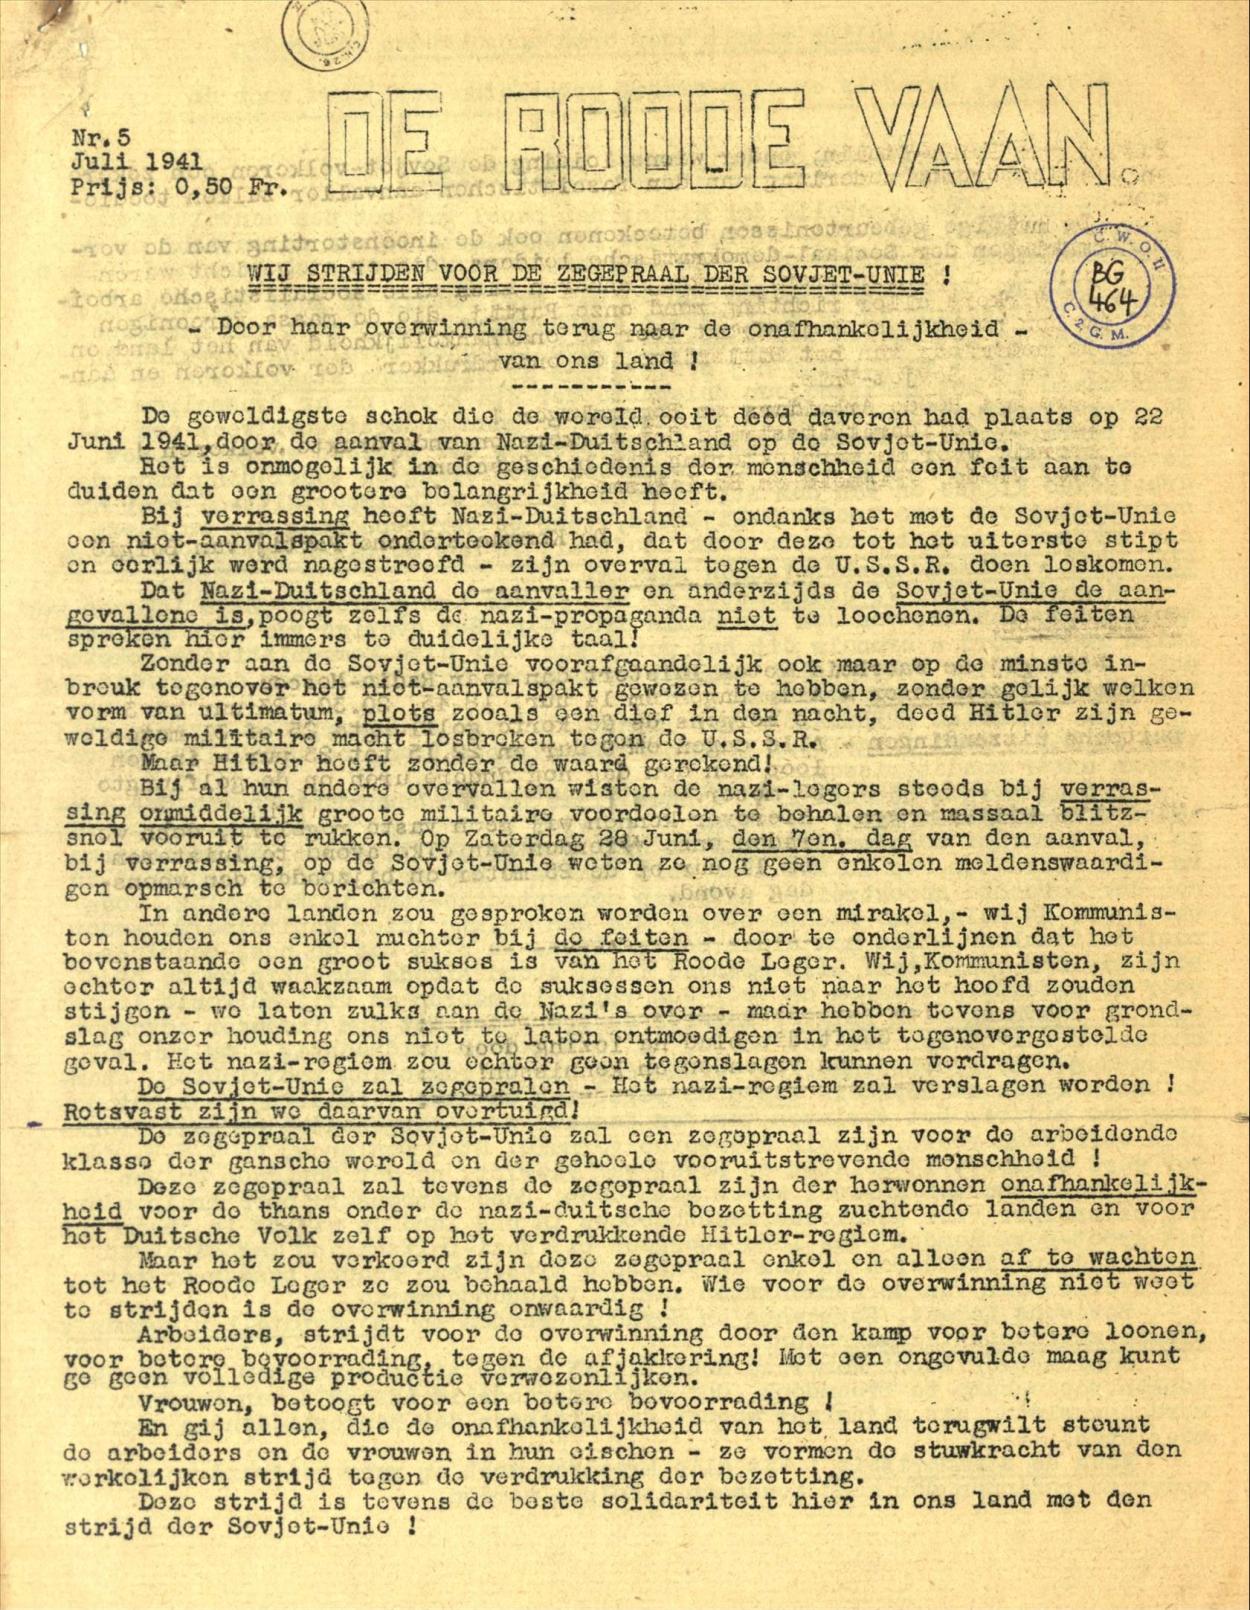 de-roode-vaan-juli-1941.jpg